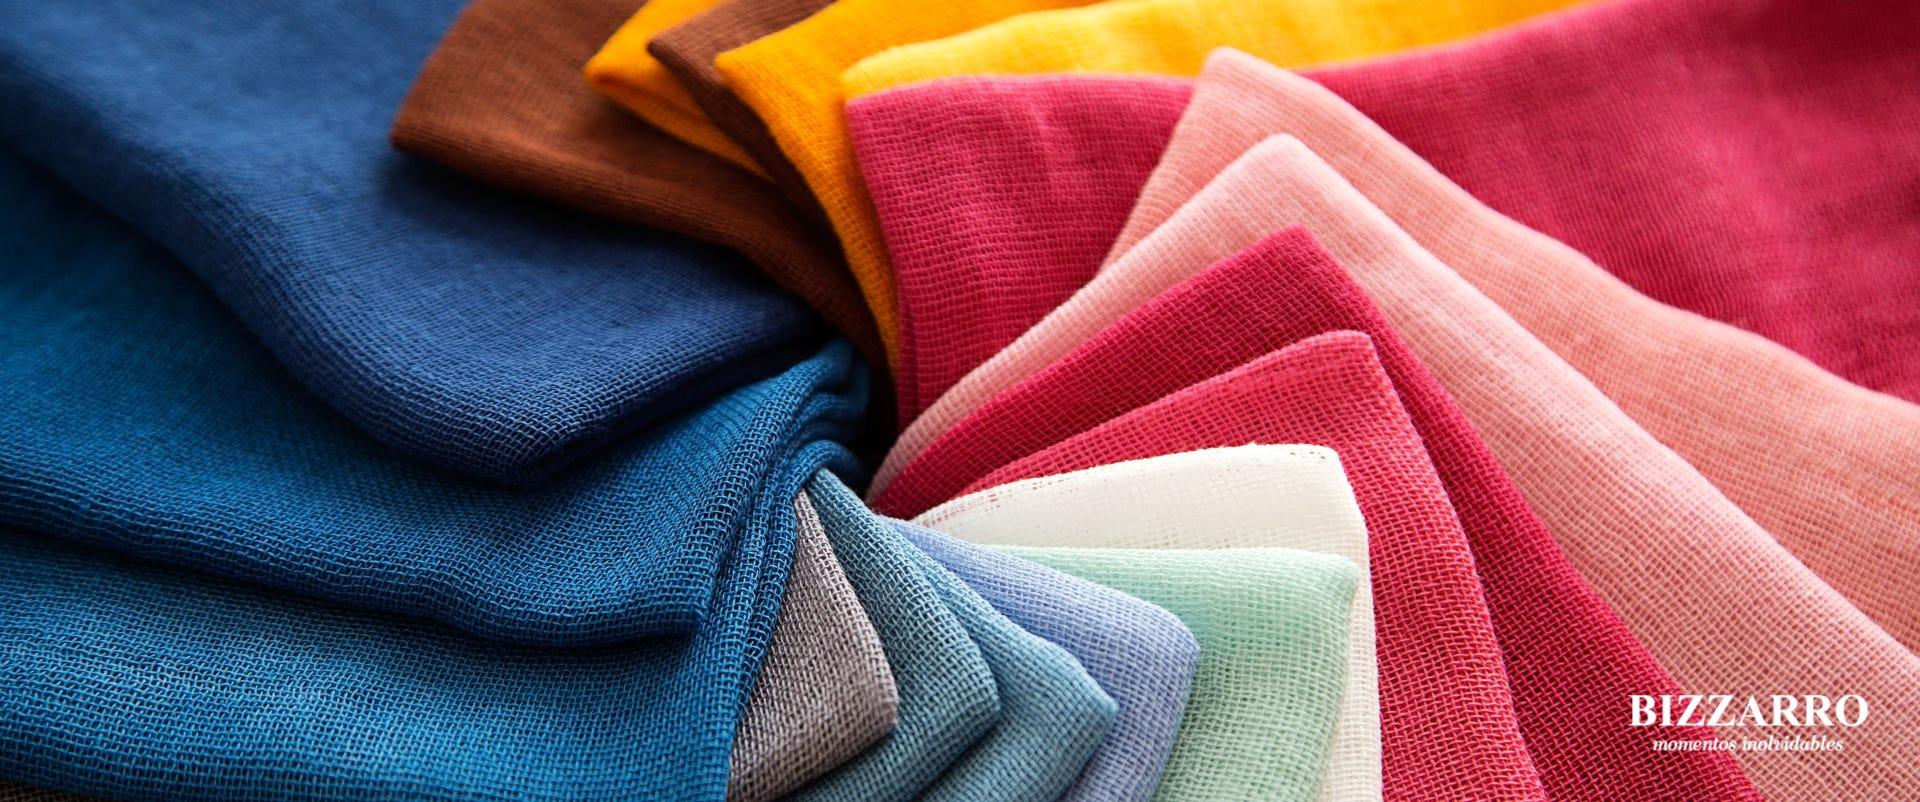 Dime qué colores te rodean y te diré cómo te sientes, by Bizzarro